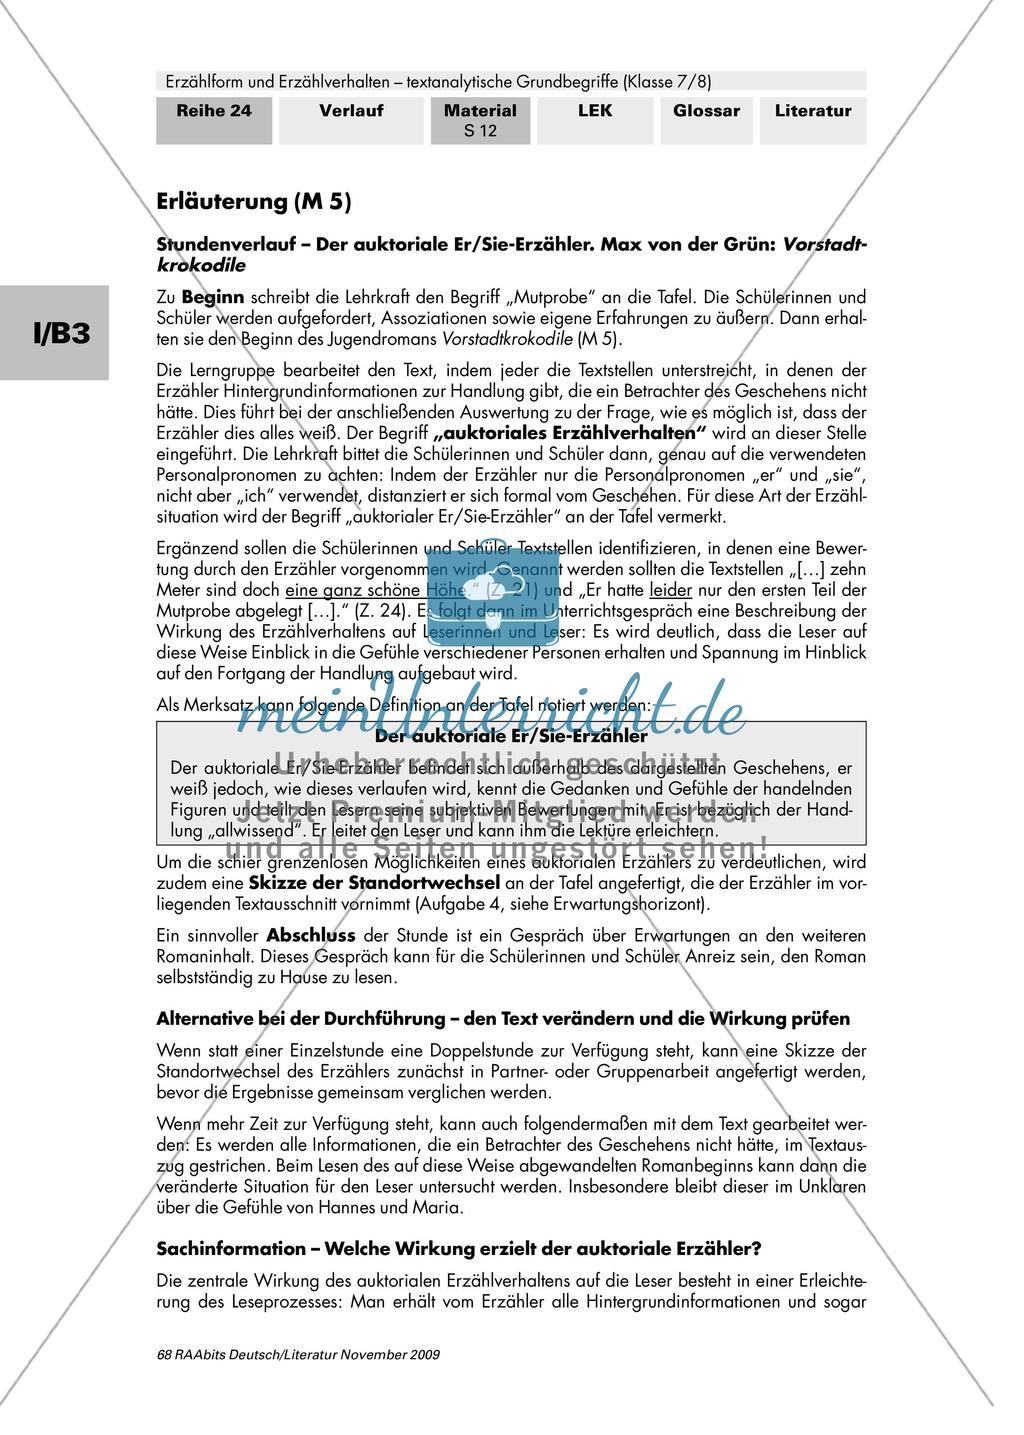 """Auktoriales Erzählverhalten am Roman """"Vorstadtkrokodile"""" untersuchen Preview 3"""